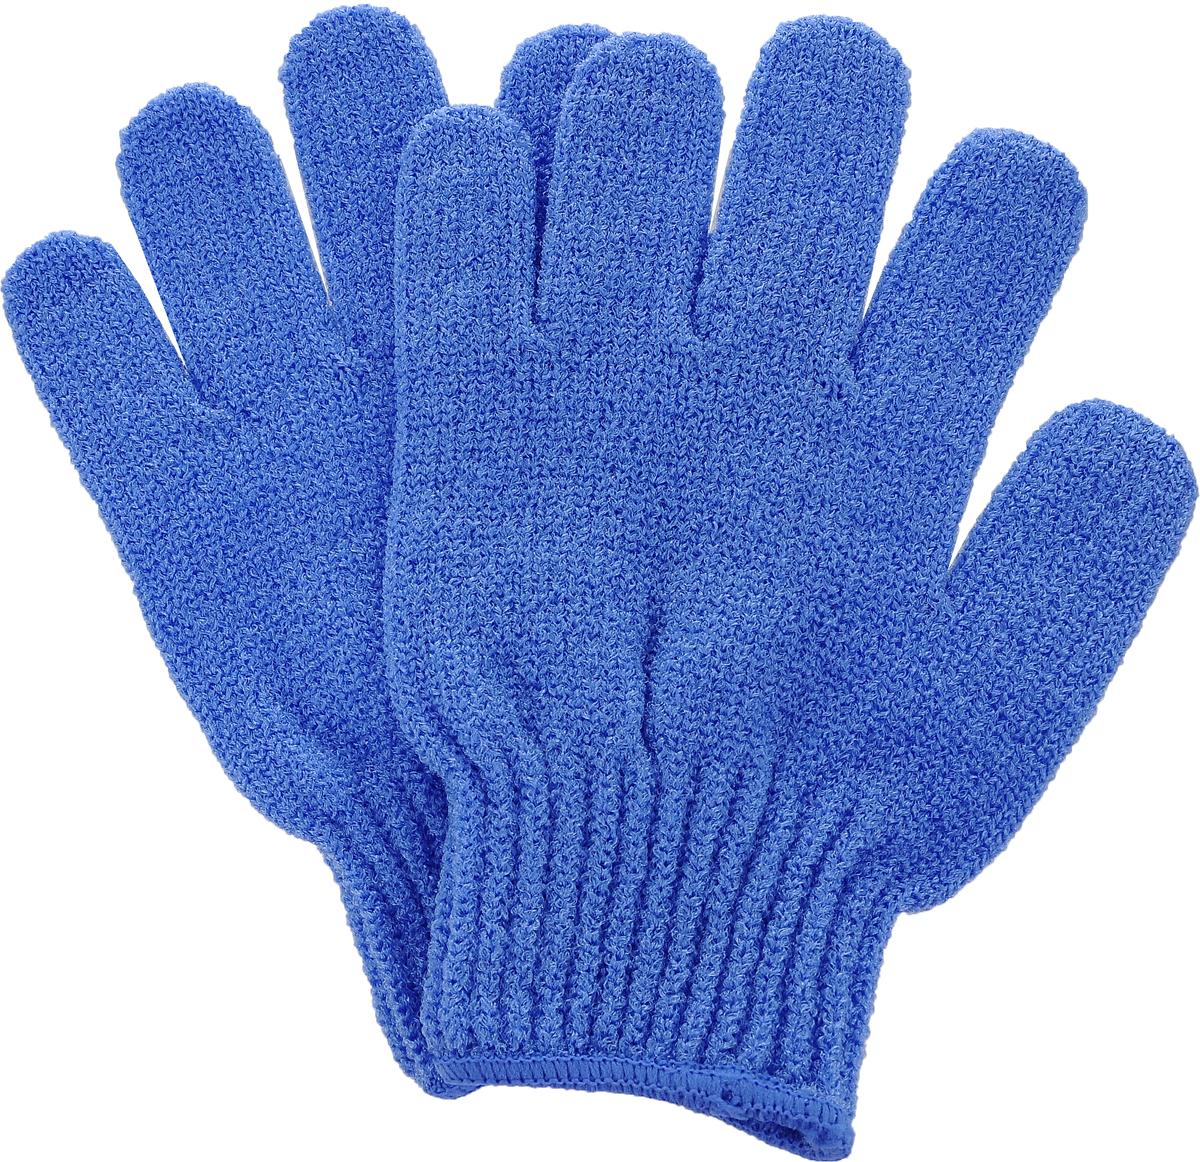 Перчатки для пилинга Riffi, цвет: синий615_синийЭластичные безразмерные перчатки Riffi обладают активным антицеллюлитным эффектом и отличным пилинговым действием, тонизируя, массируя и эффективно очищая вашу кожу. Перчатки Riffi освобождает кожу от отмерших клеток, стимулирует регенерацию. Эффективно предупреждают образование целлюлита и обеспечивают омолаживающий эффект. Кожа становится гладкой, упругой и лучше готовой к принятию косметических средств. Интенсивный и пощипывающий свежий массаж тела с применением перчаток Riffi стимулирует кровообращение, активирует кровоснабжение, способствует обмену веществ. В комплекте 1 пара перчаток.